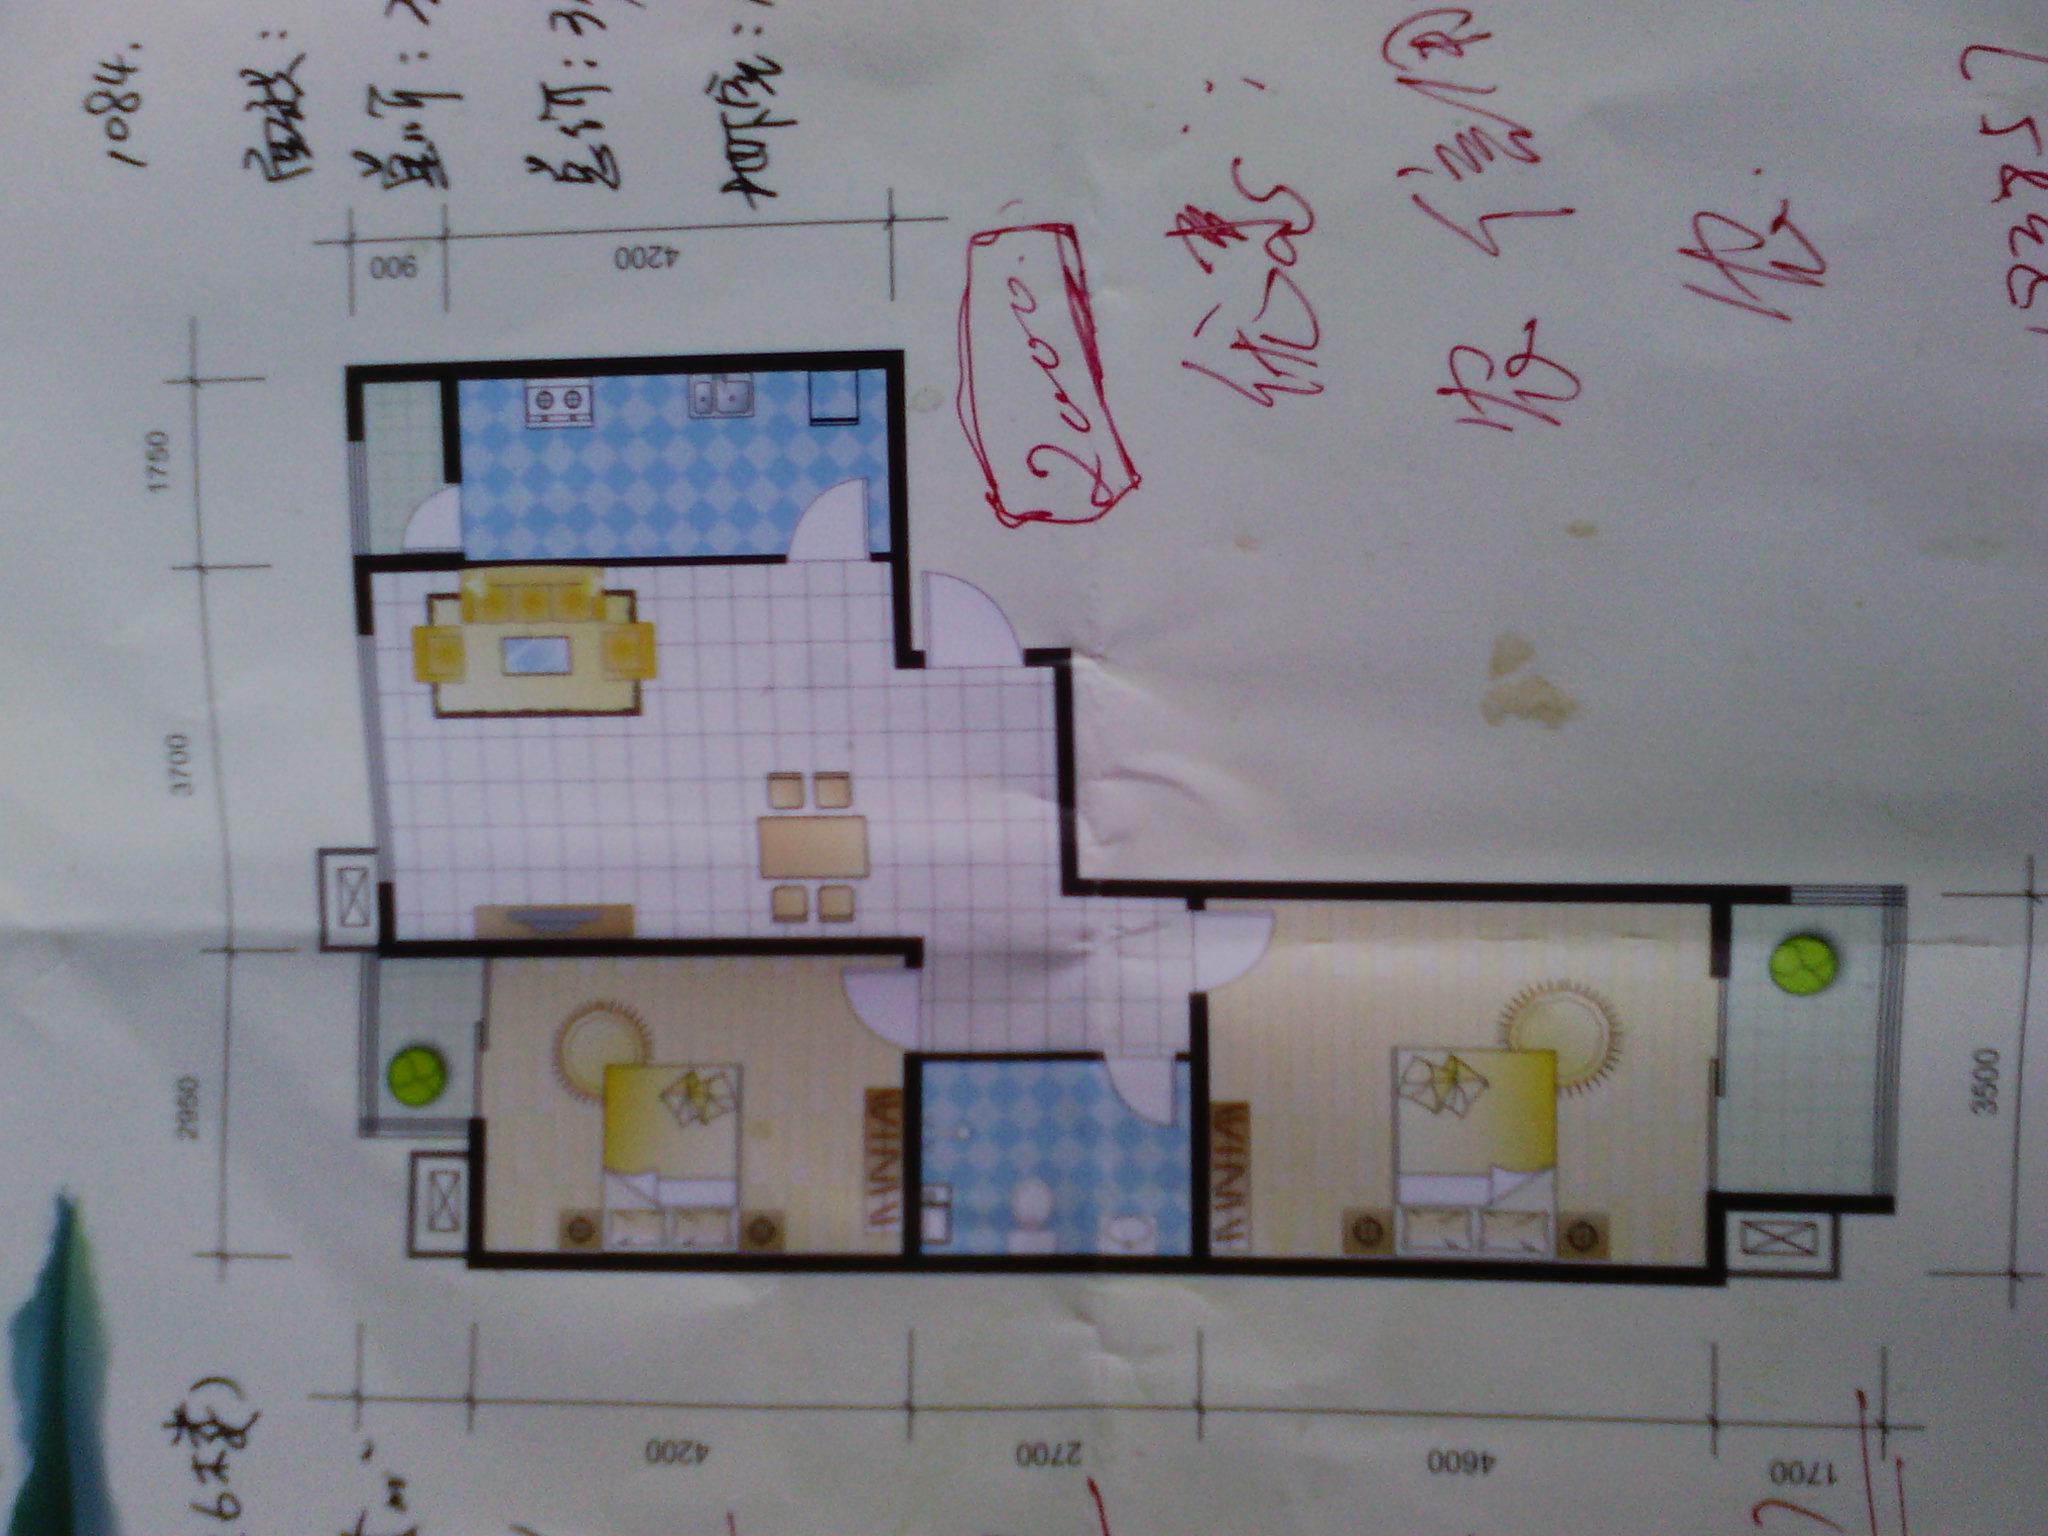 平面图如上. -新楼房装修,两室两厅一厨一卫建筑面积89.95平米,高清图片